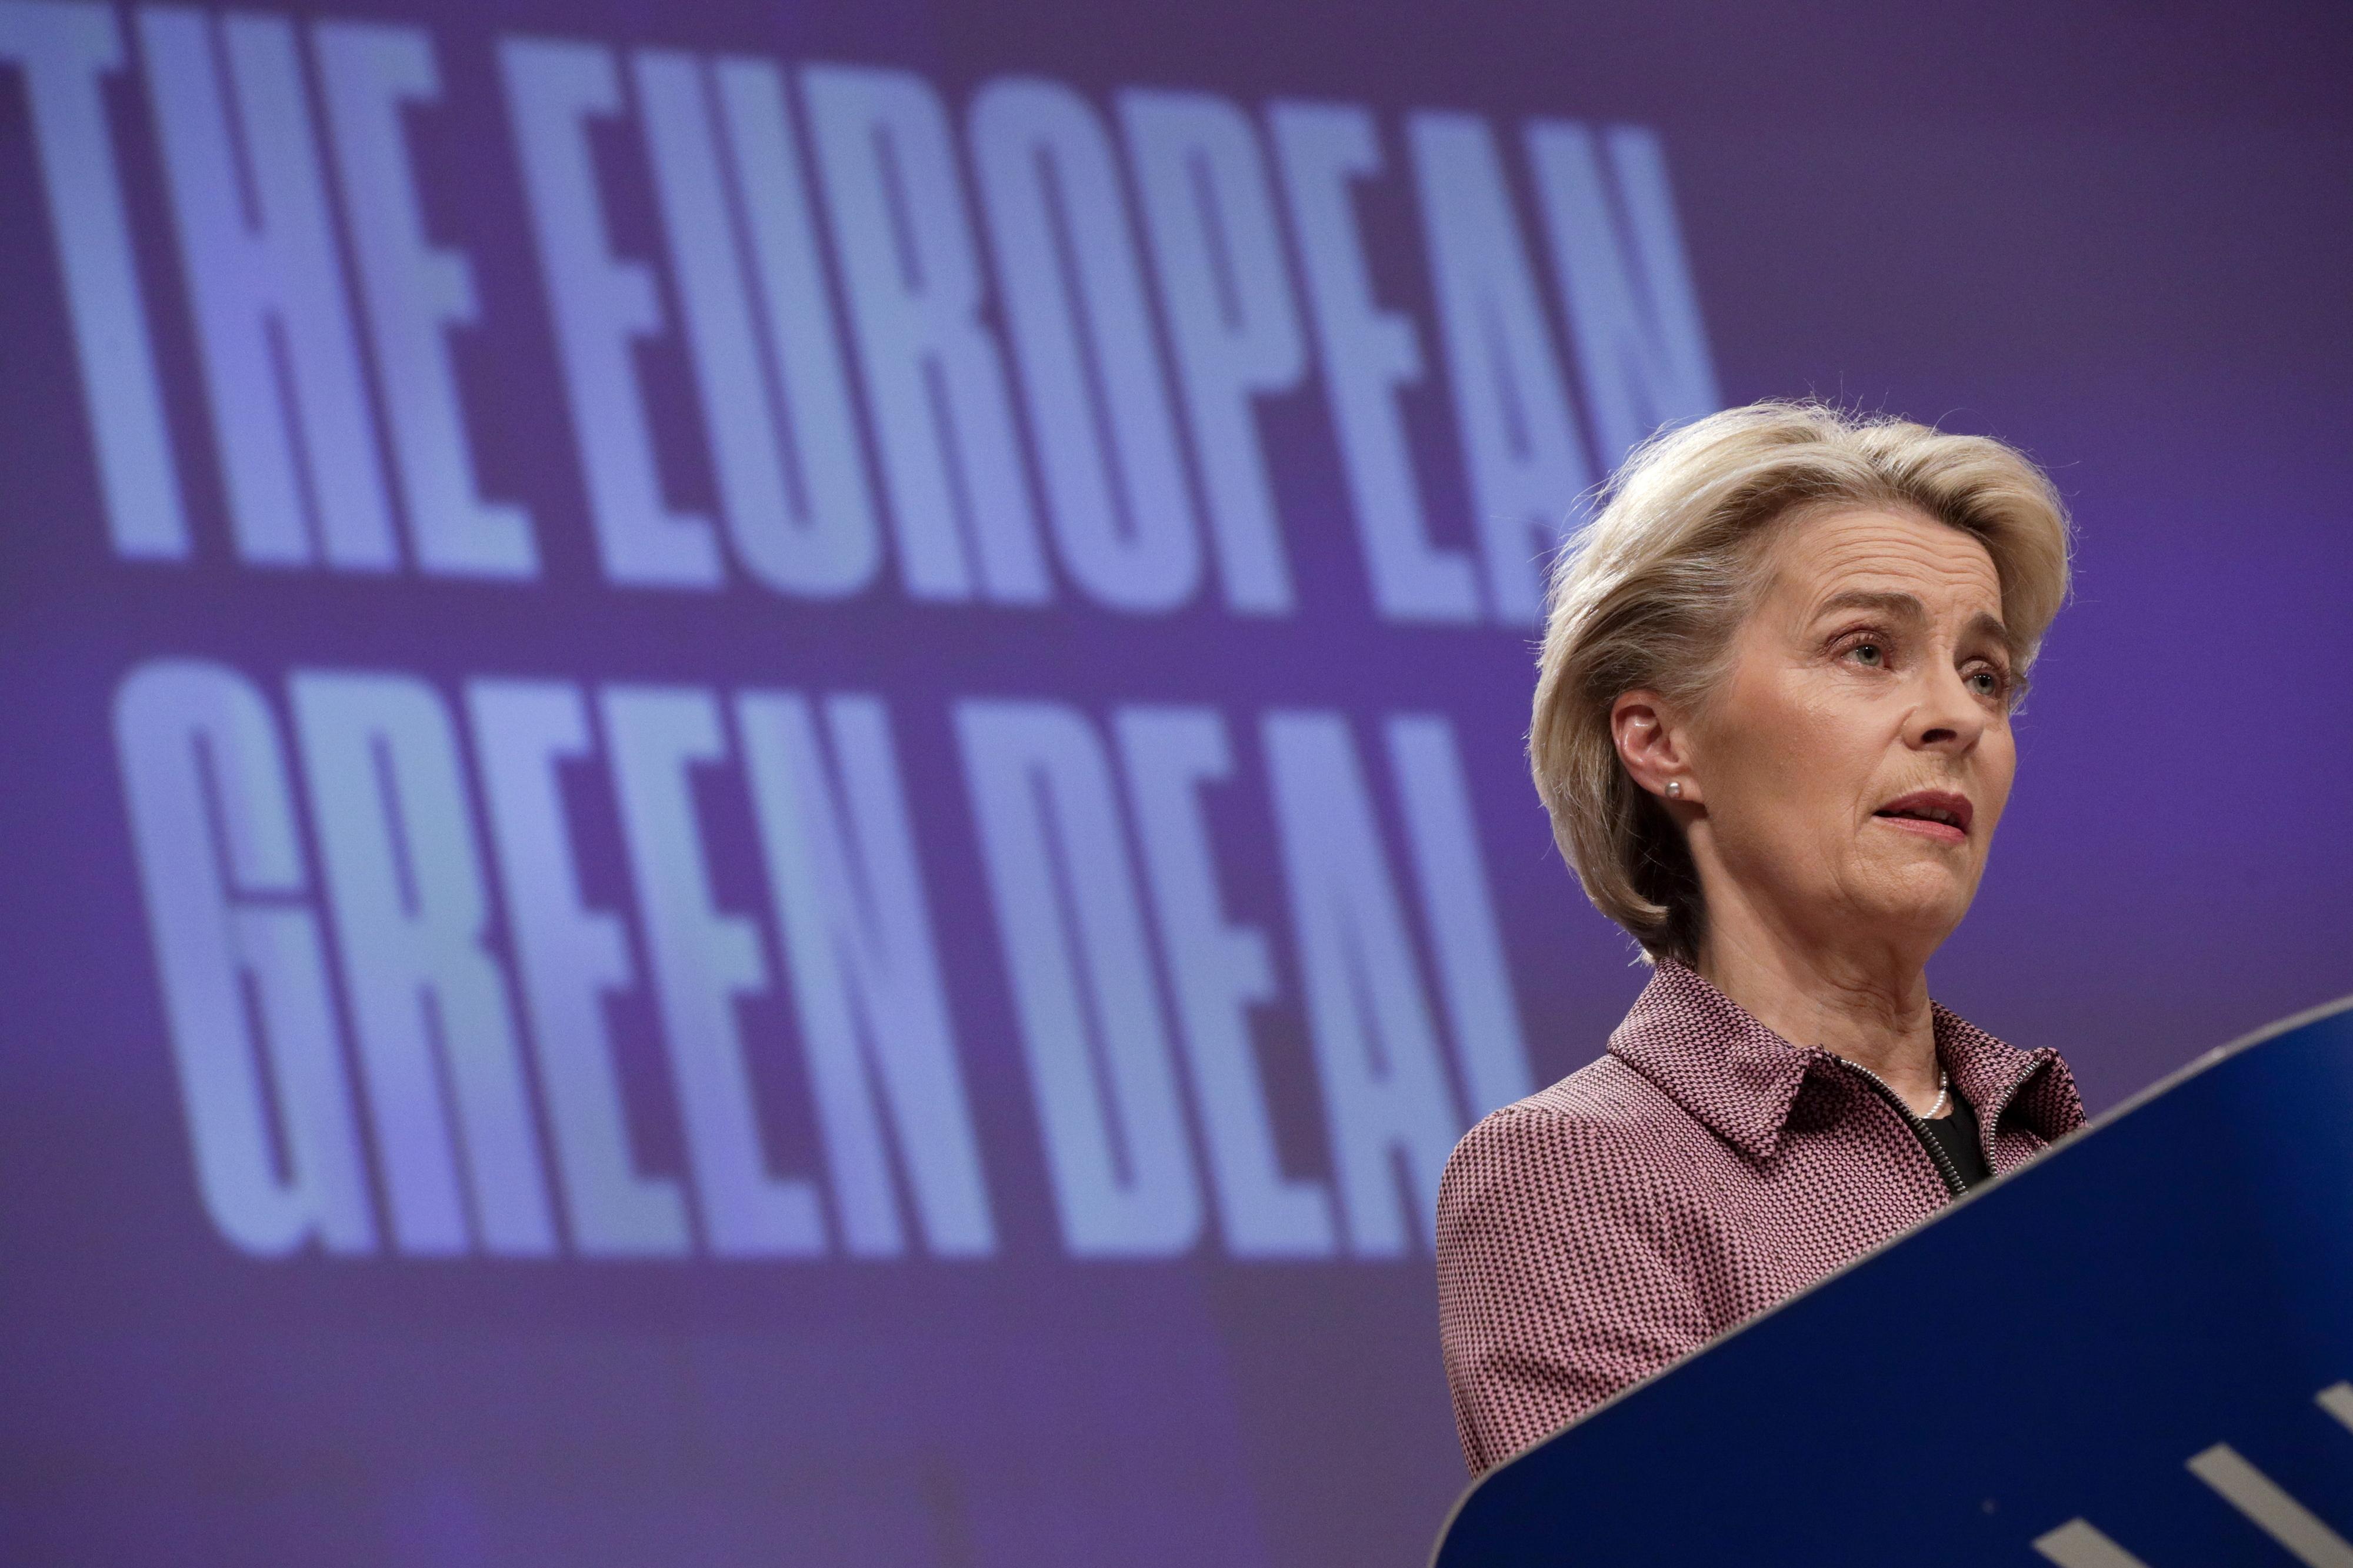 Bruxelas pede redução de emissões de gases poluentes ainda esta década